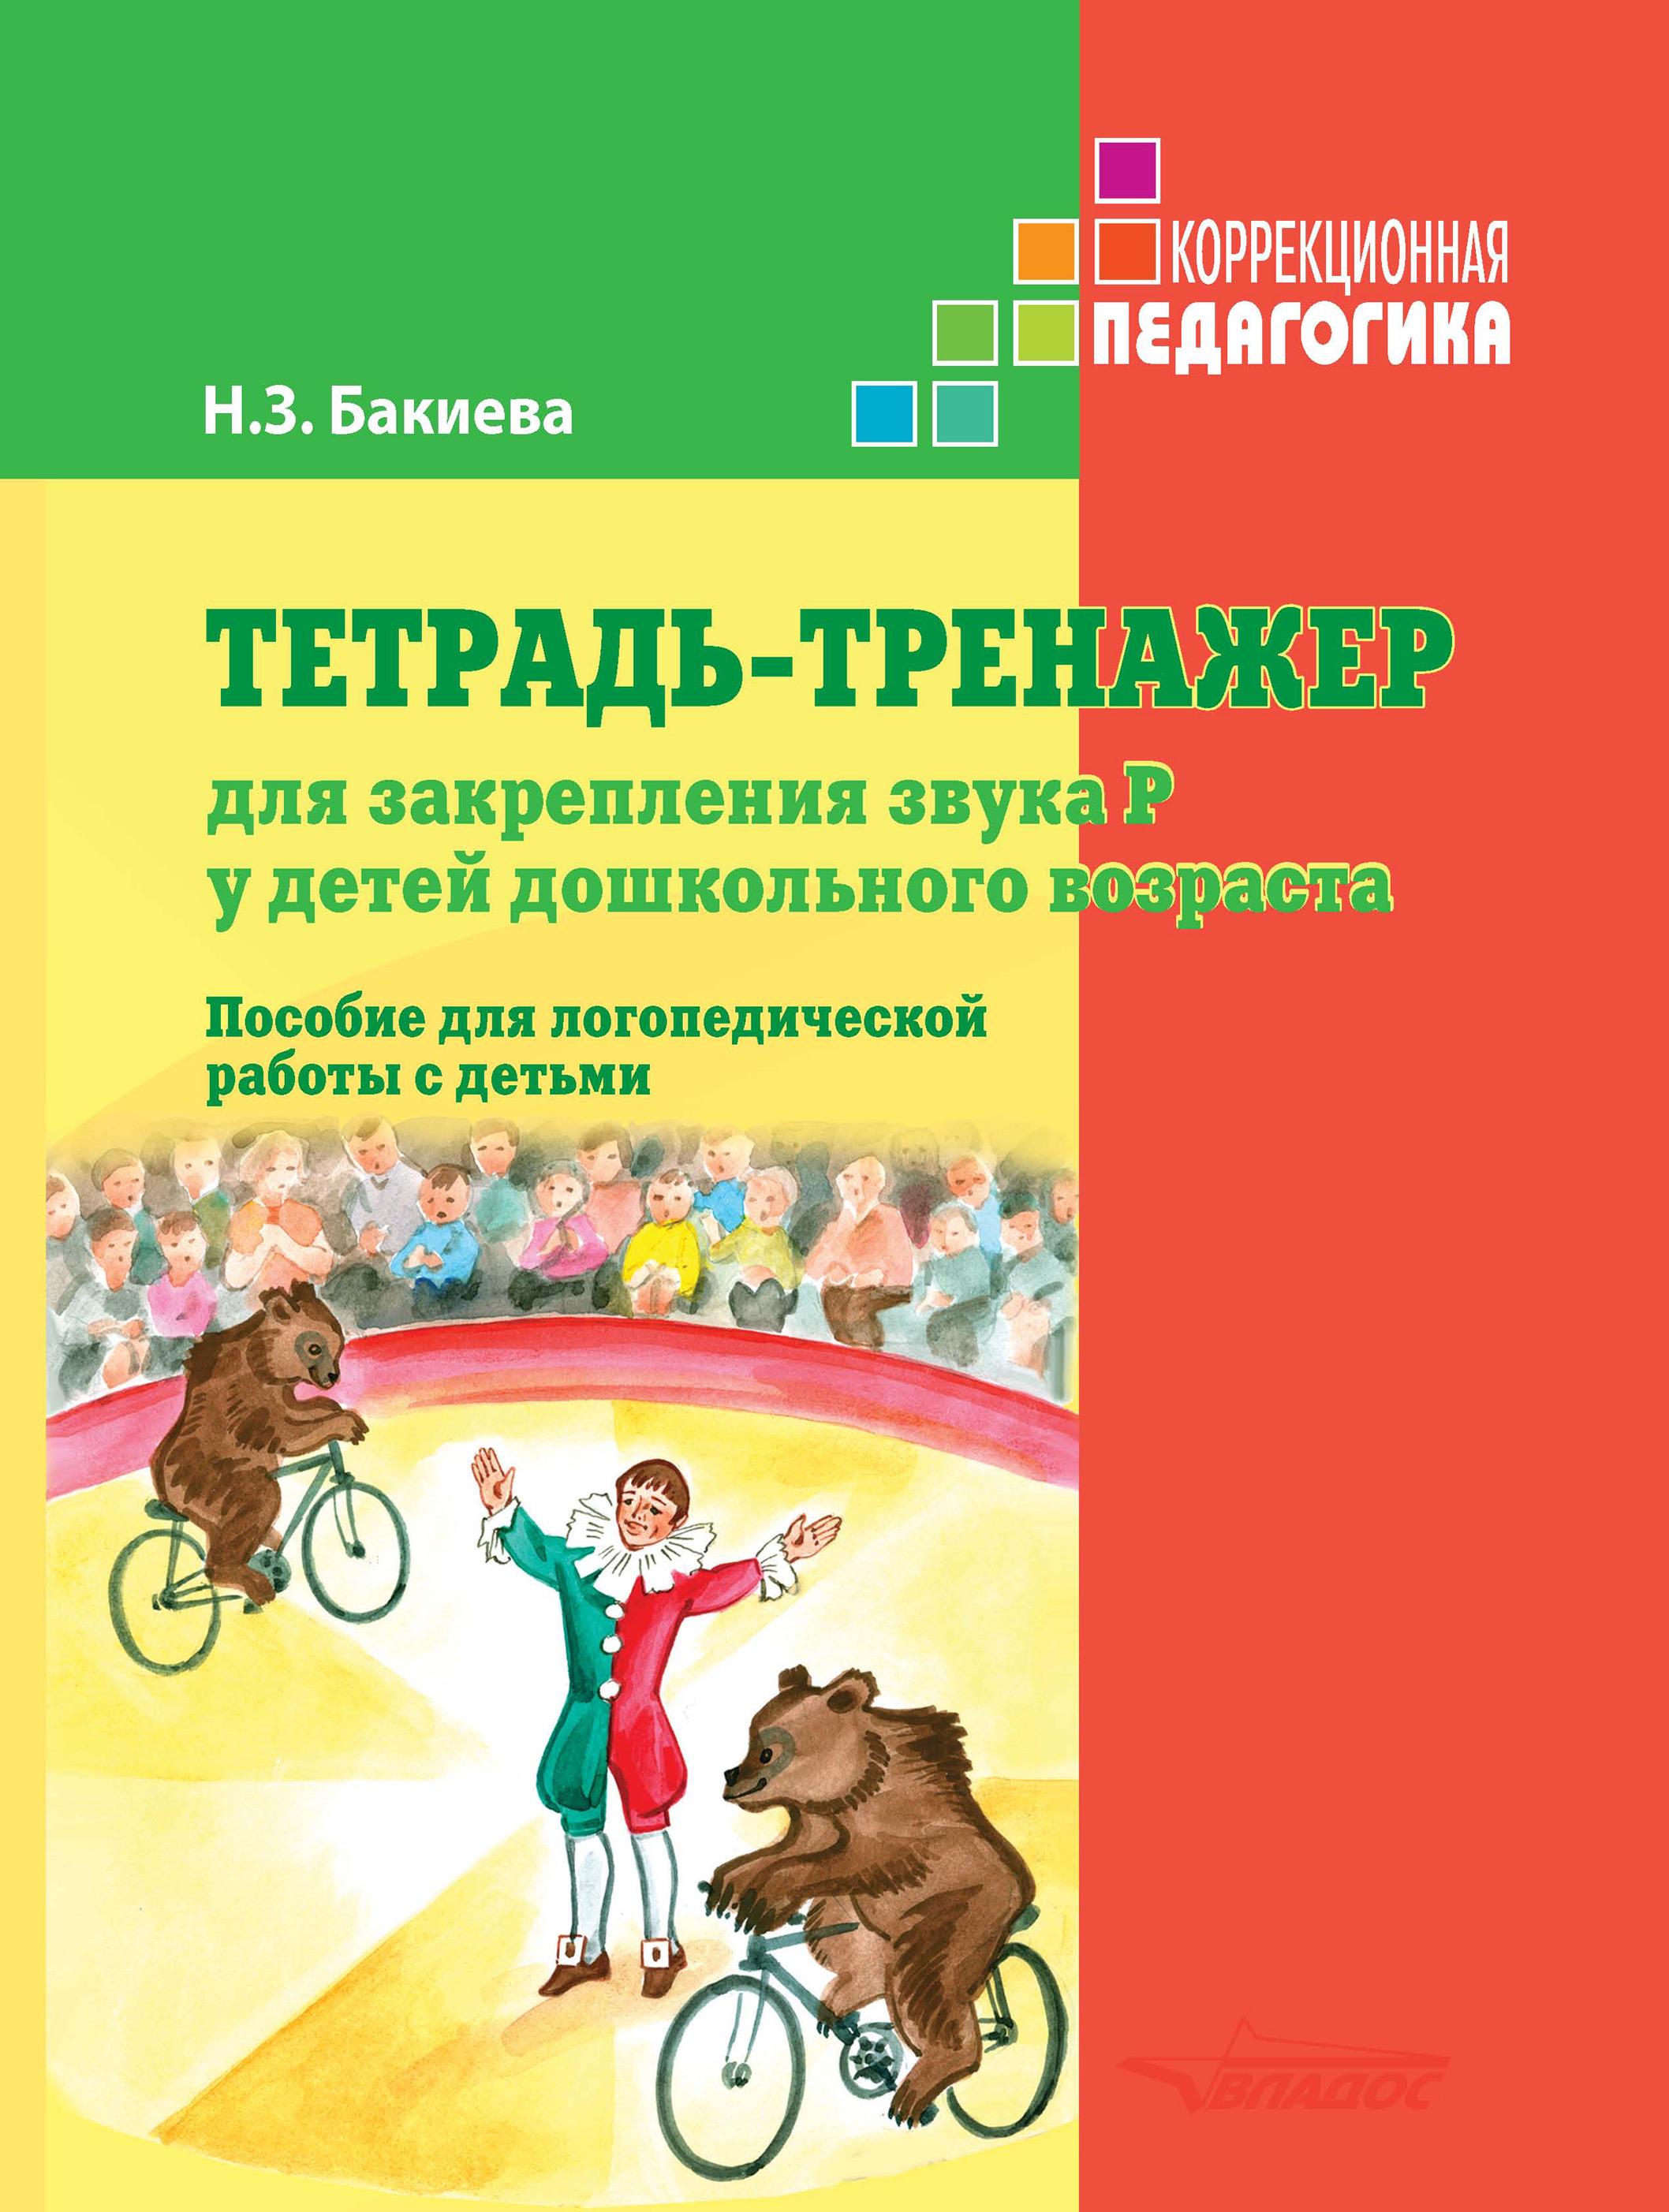 Тетрадь-тренажер для закрепления звука Р у детей дошкольного возраста. Пособие для логопедической работы с детьми